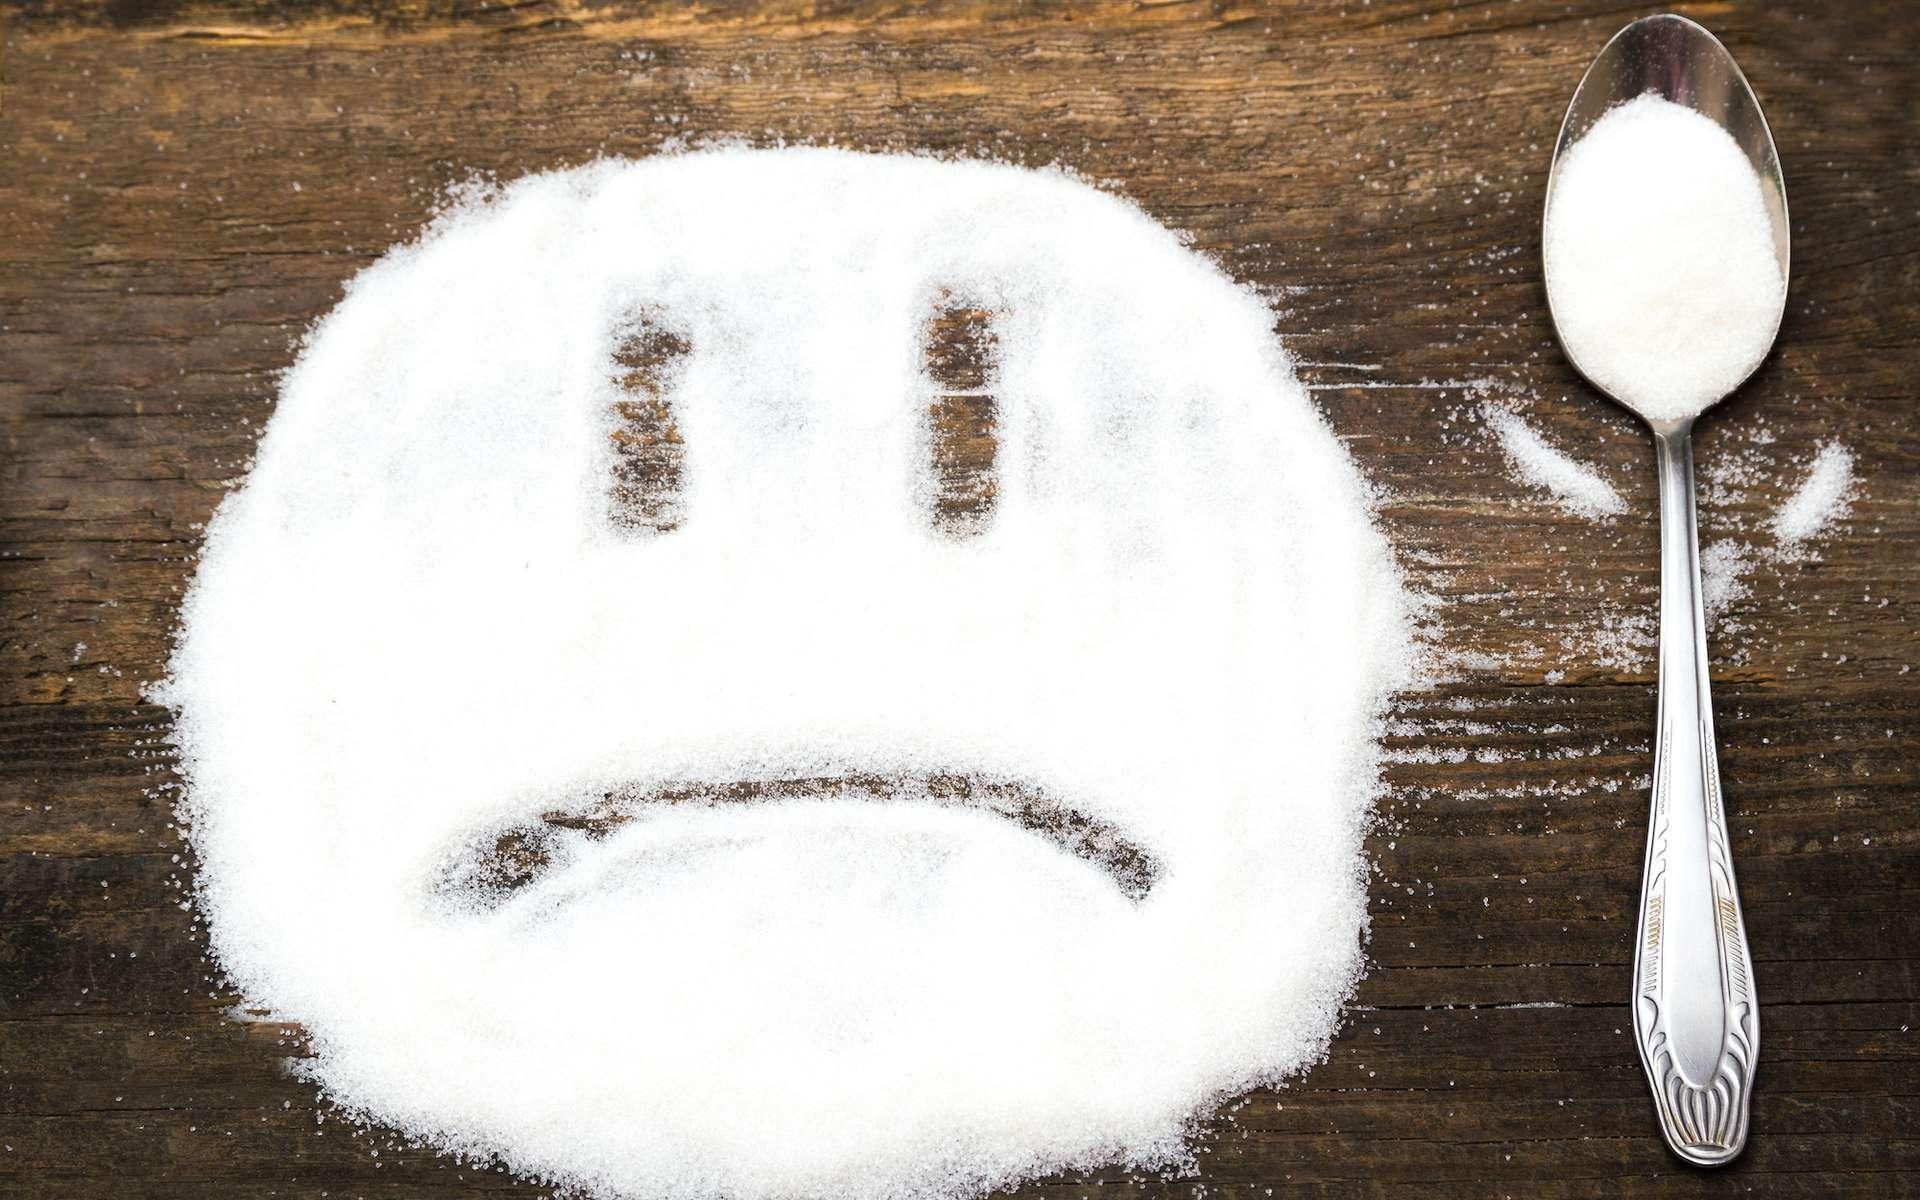 Une alimentation riche en sel affaiblit les cellules immunitaires. © Tycson1, Adobe Stock